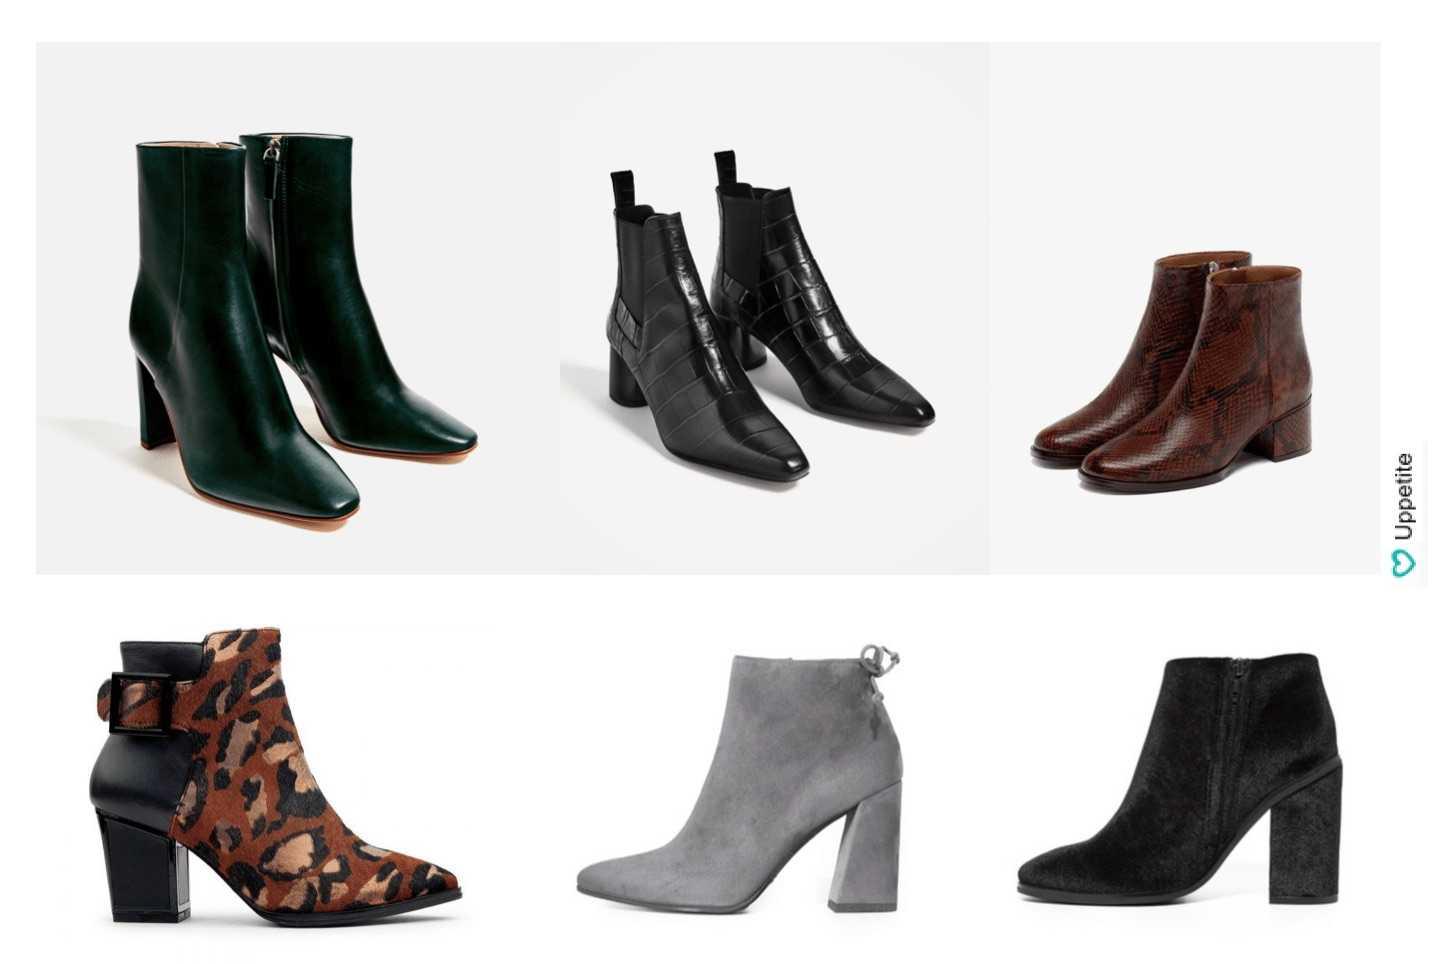 Обувь для маленьких женщин: какую выбрать и где купить в зависимости от сезона.